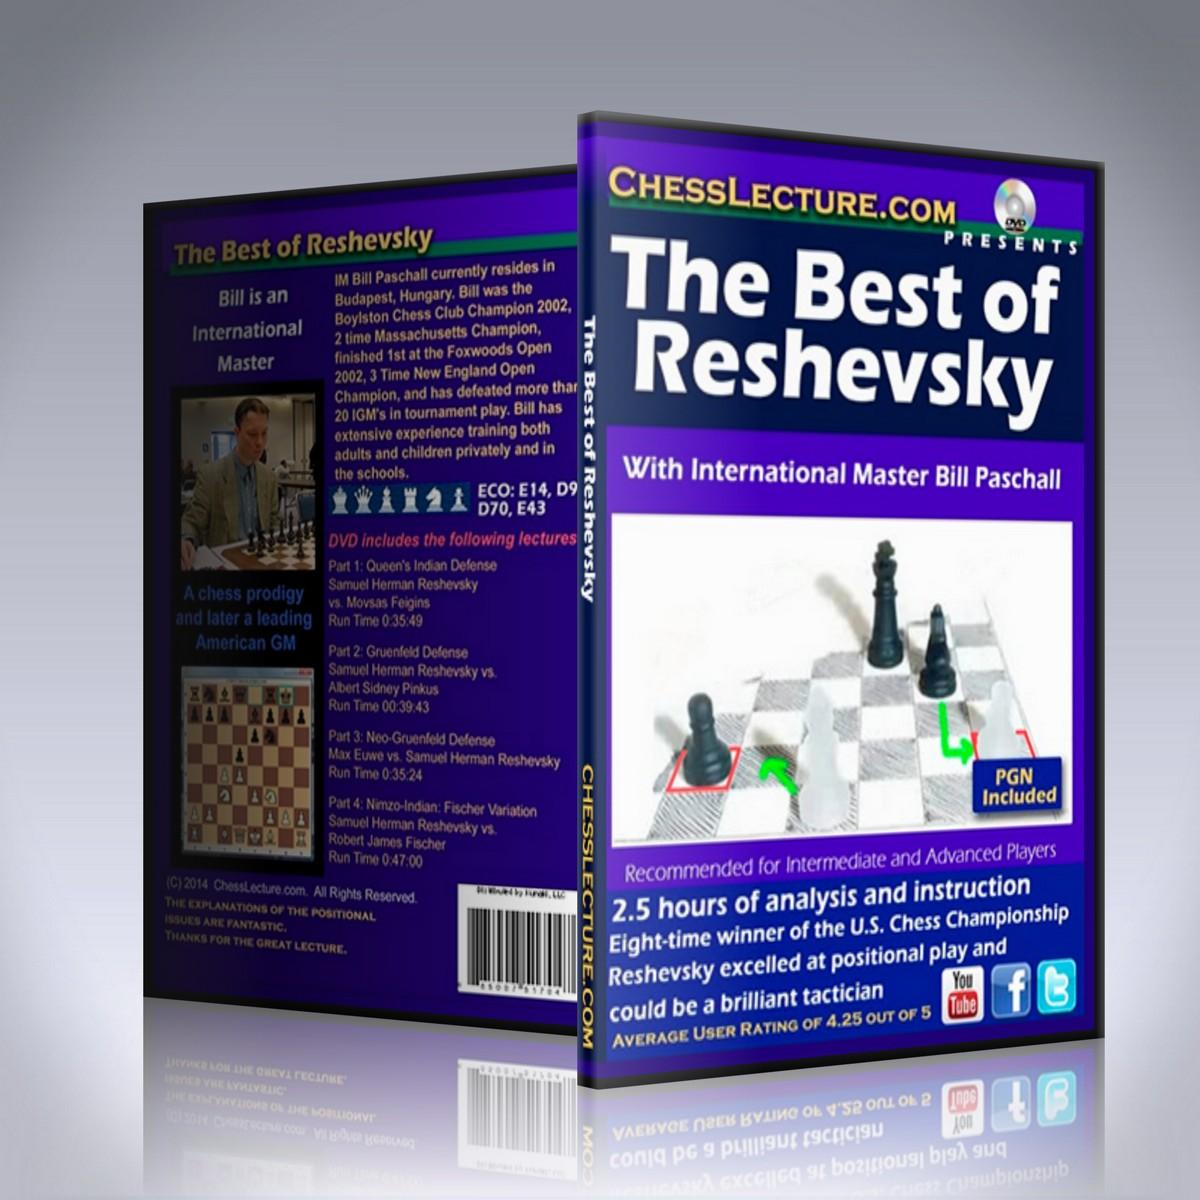 The Best of Reshevsky – IM Bill Paschall